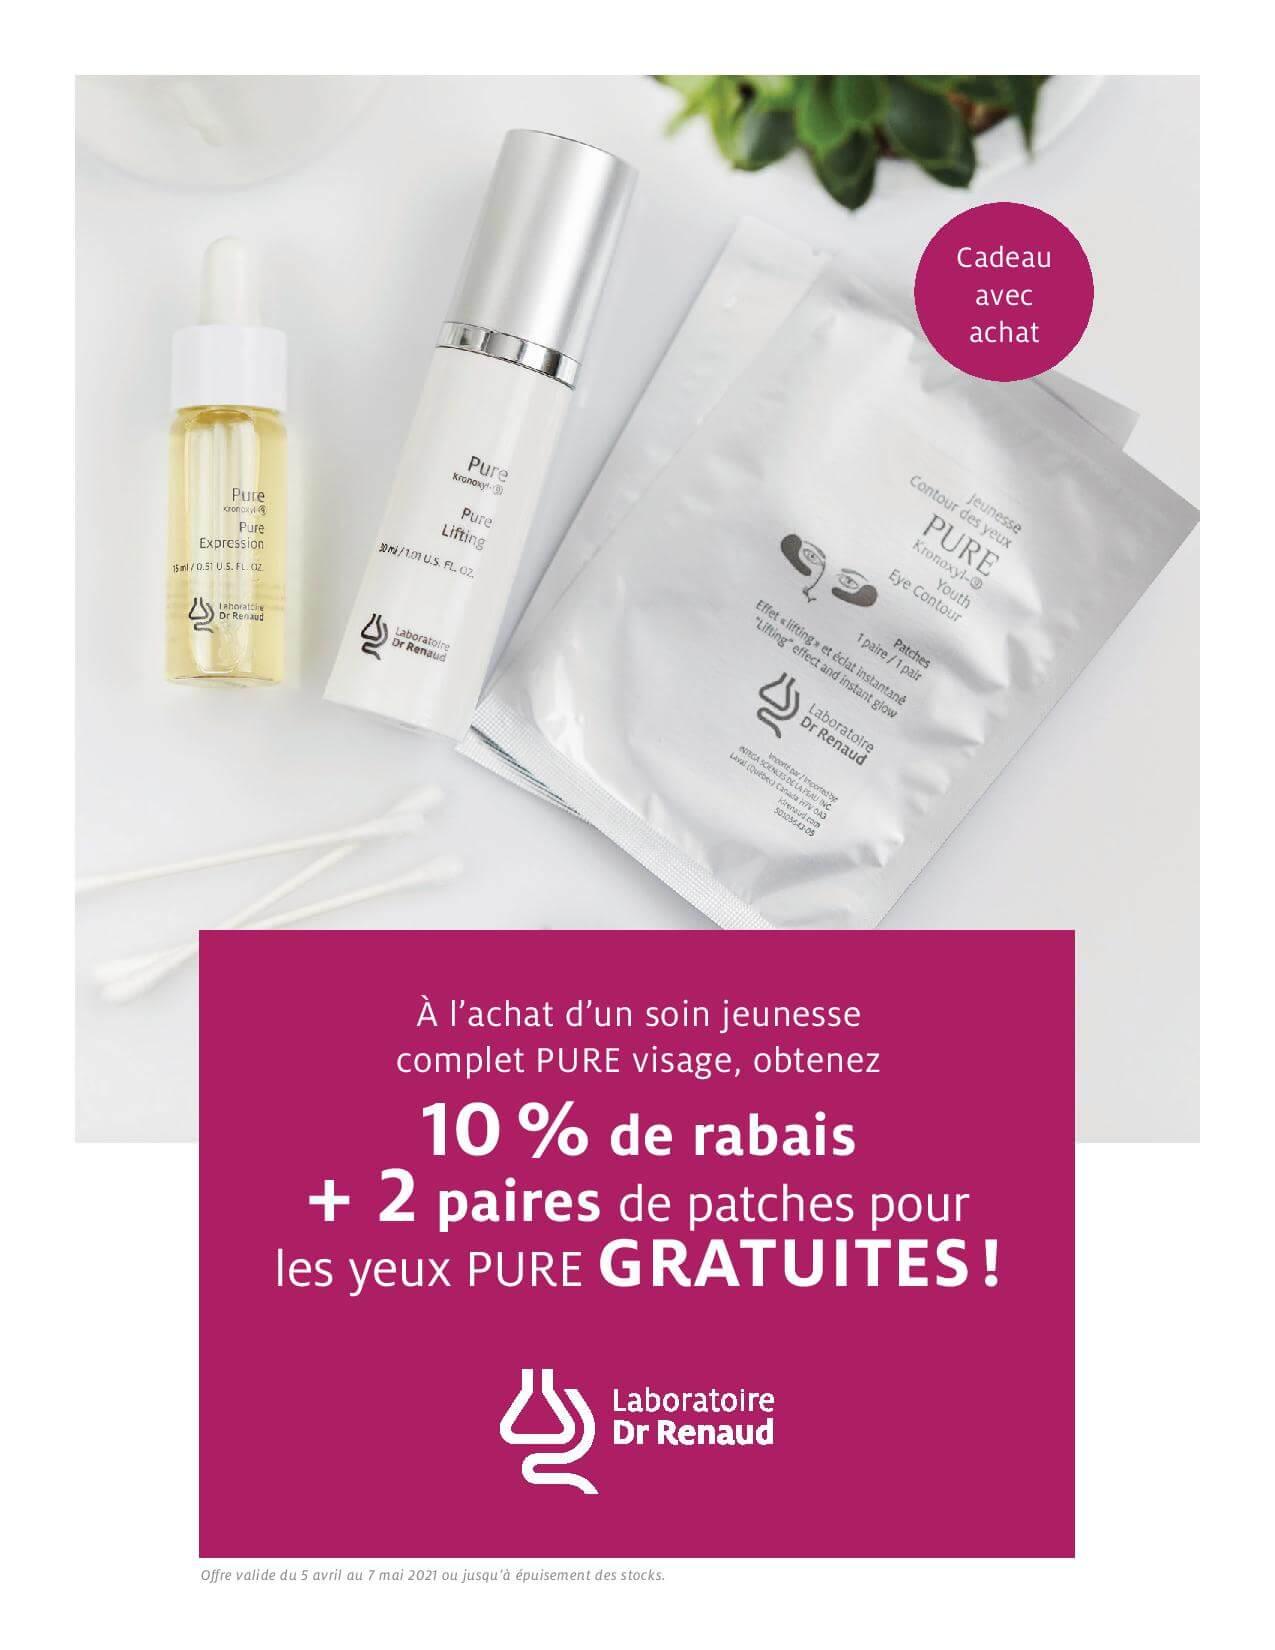 Promotion | Laboratoire Dr Renaud | Esthéticienne Longueuil